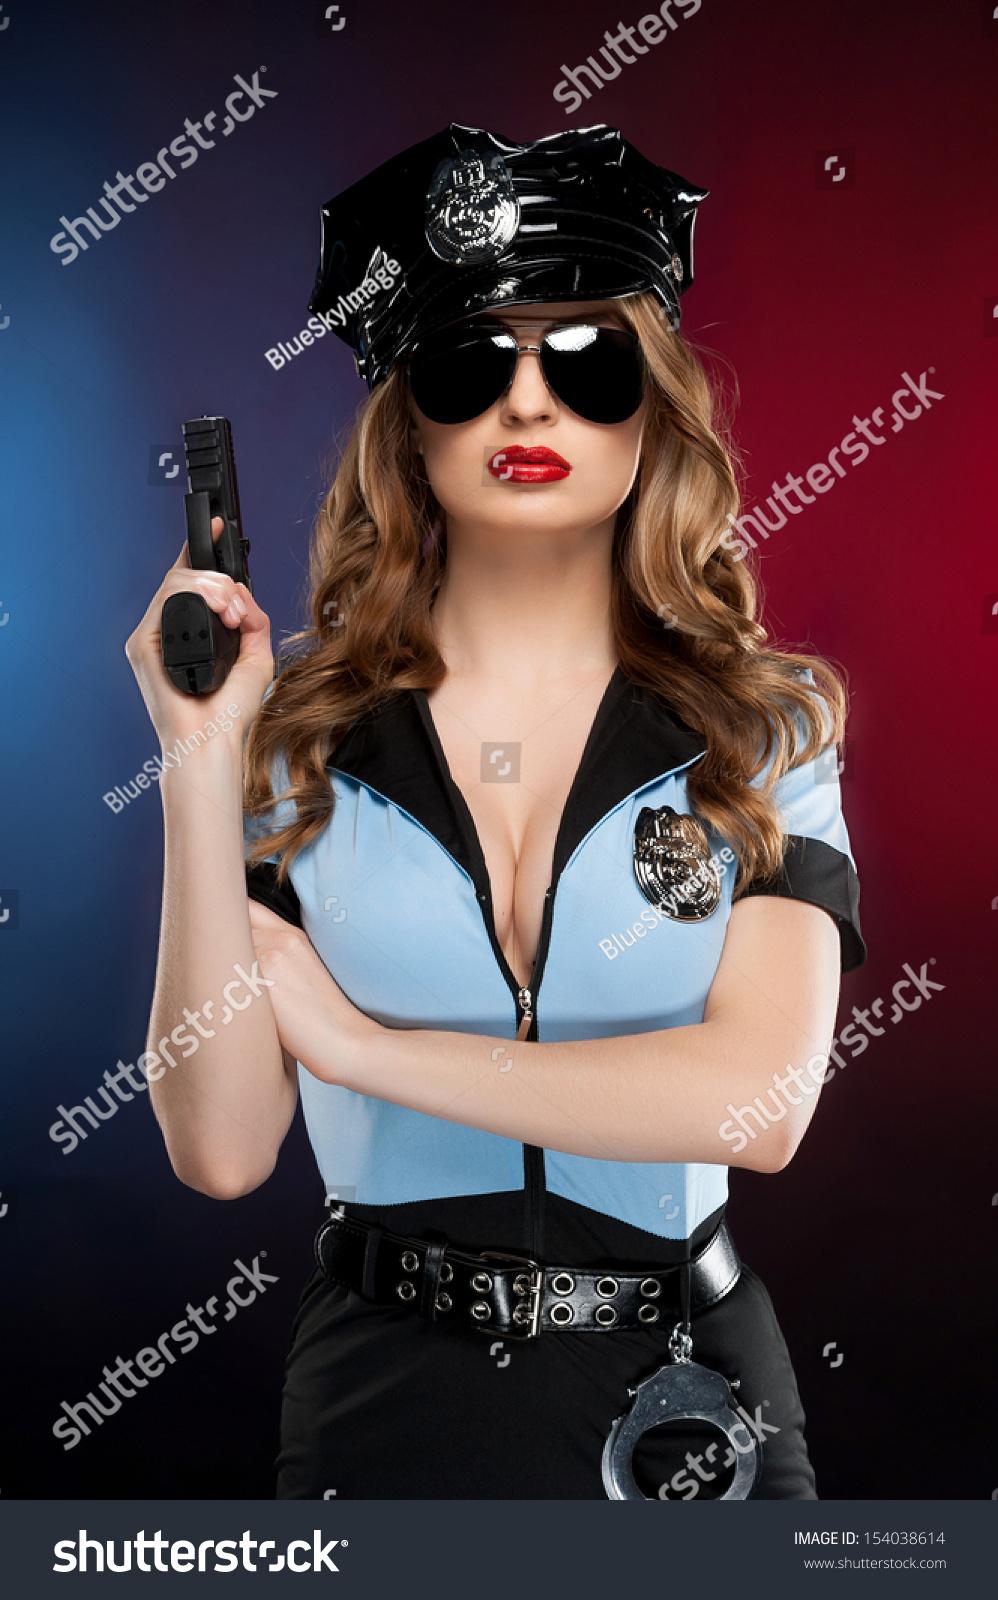 Сексуальный мускулистый полицейский 11 фотография